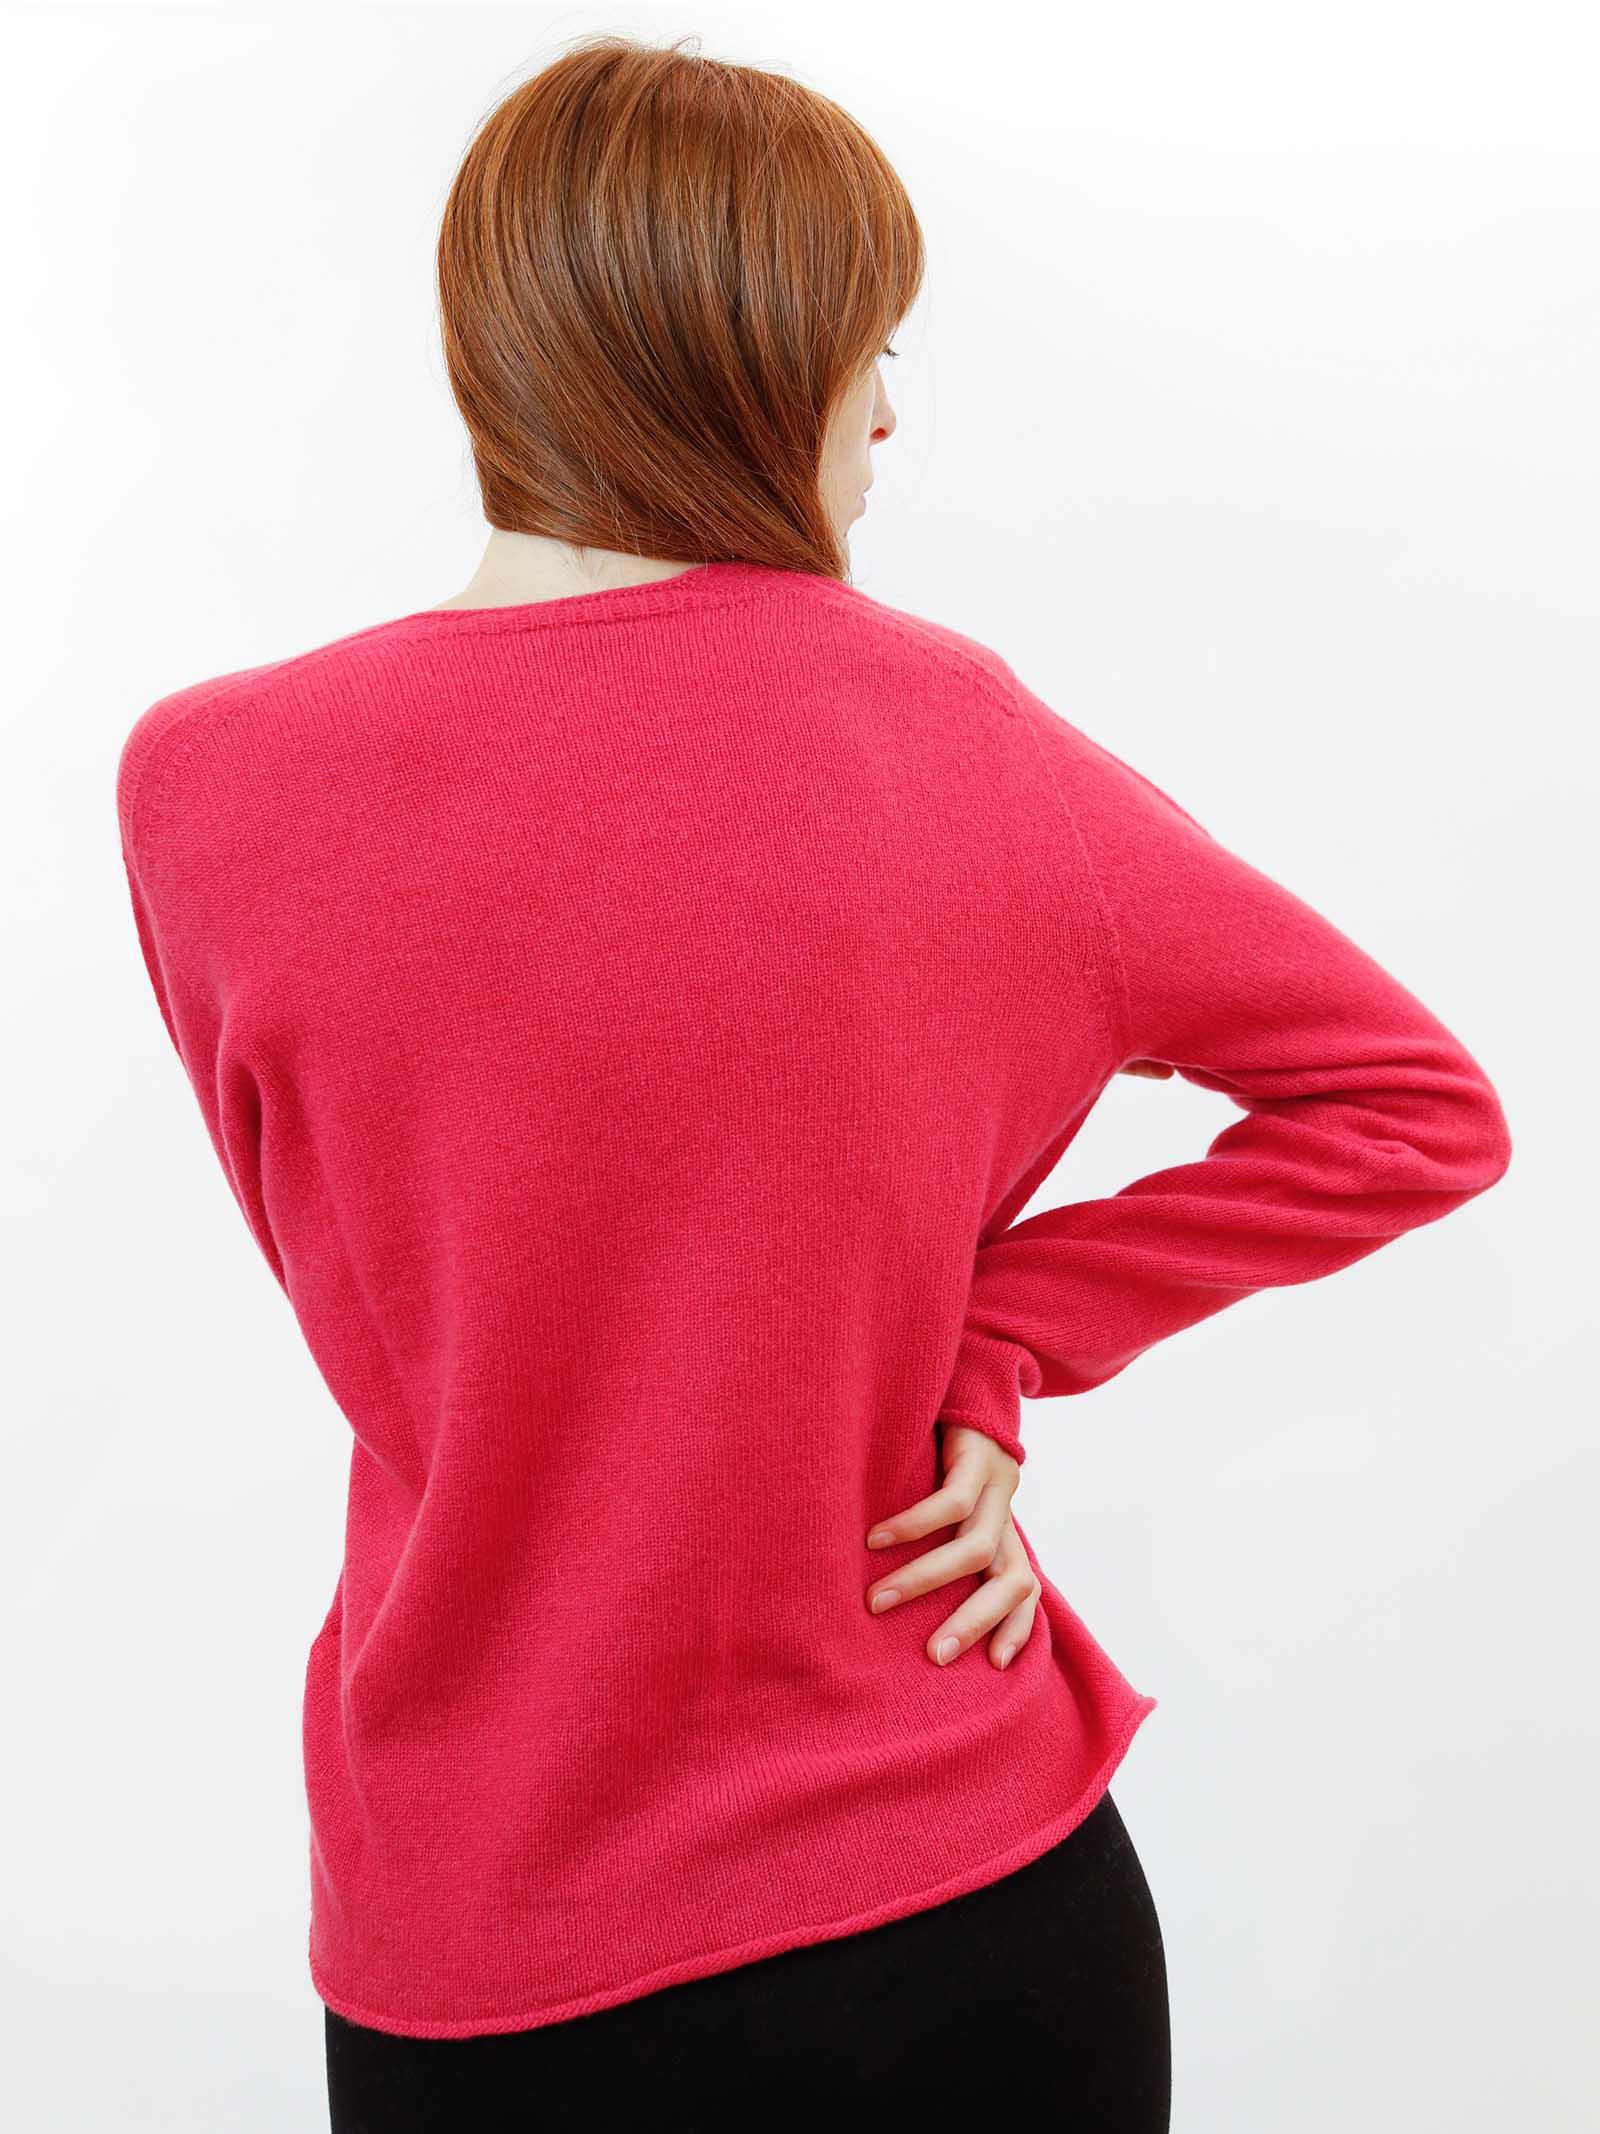 Abbigliameto Donna Cardigan Soft in Cashemire Rosso con Bottoncini in Tinta Maliparmi   Maglieria   JN35757045734007